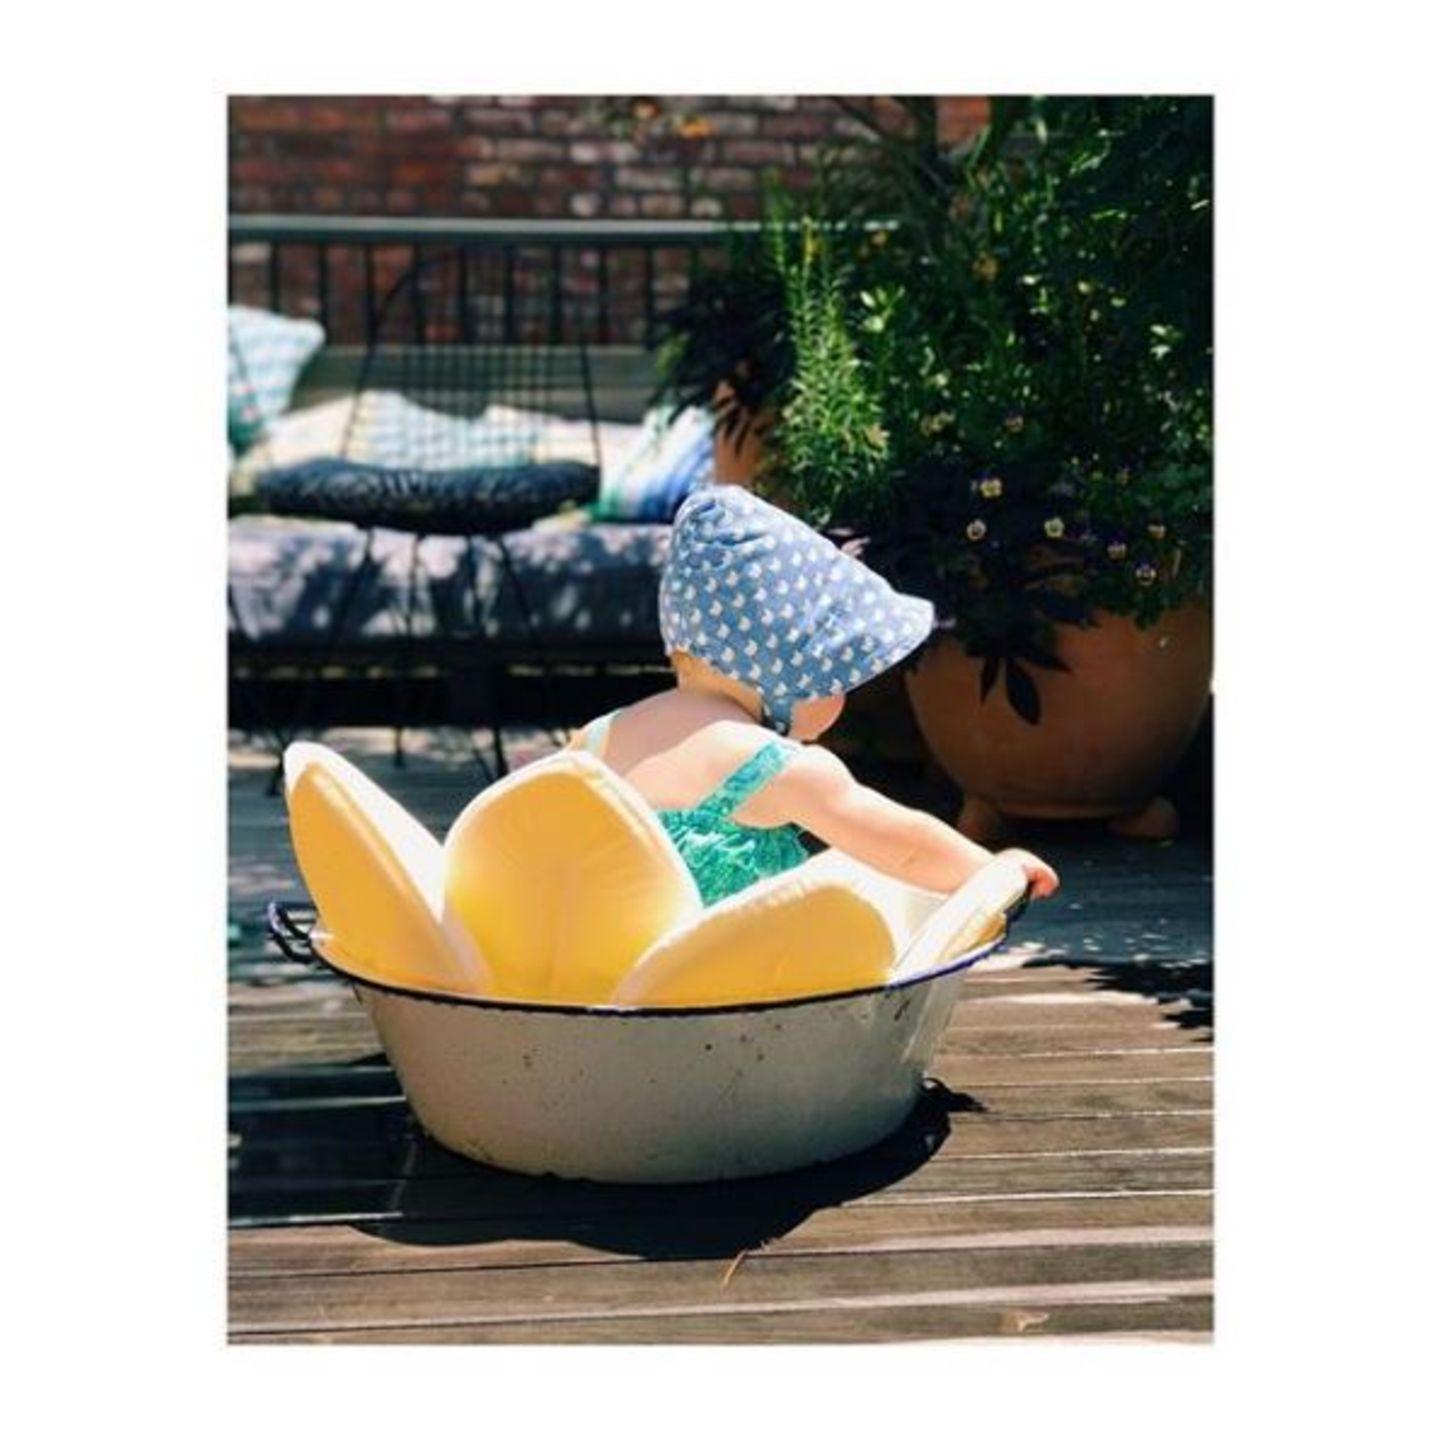 """3. Juli 2017  """"Pool Party, Brooklyn Style"""", schreibt Olivia Wilde zu diesem unglaublich süßen Foto ihrer Tochter Daisy, die in einer Wanne auf der Terrasse plantscht."""